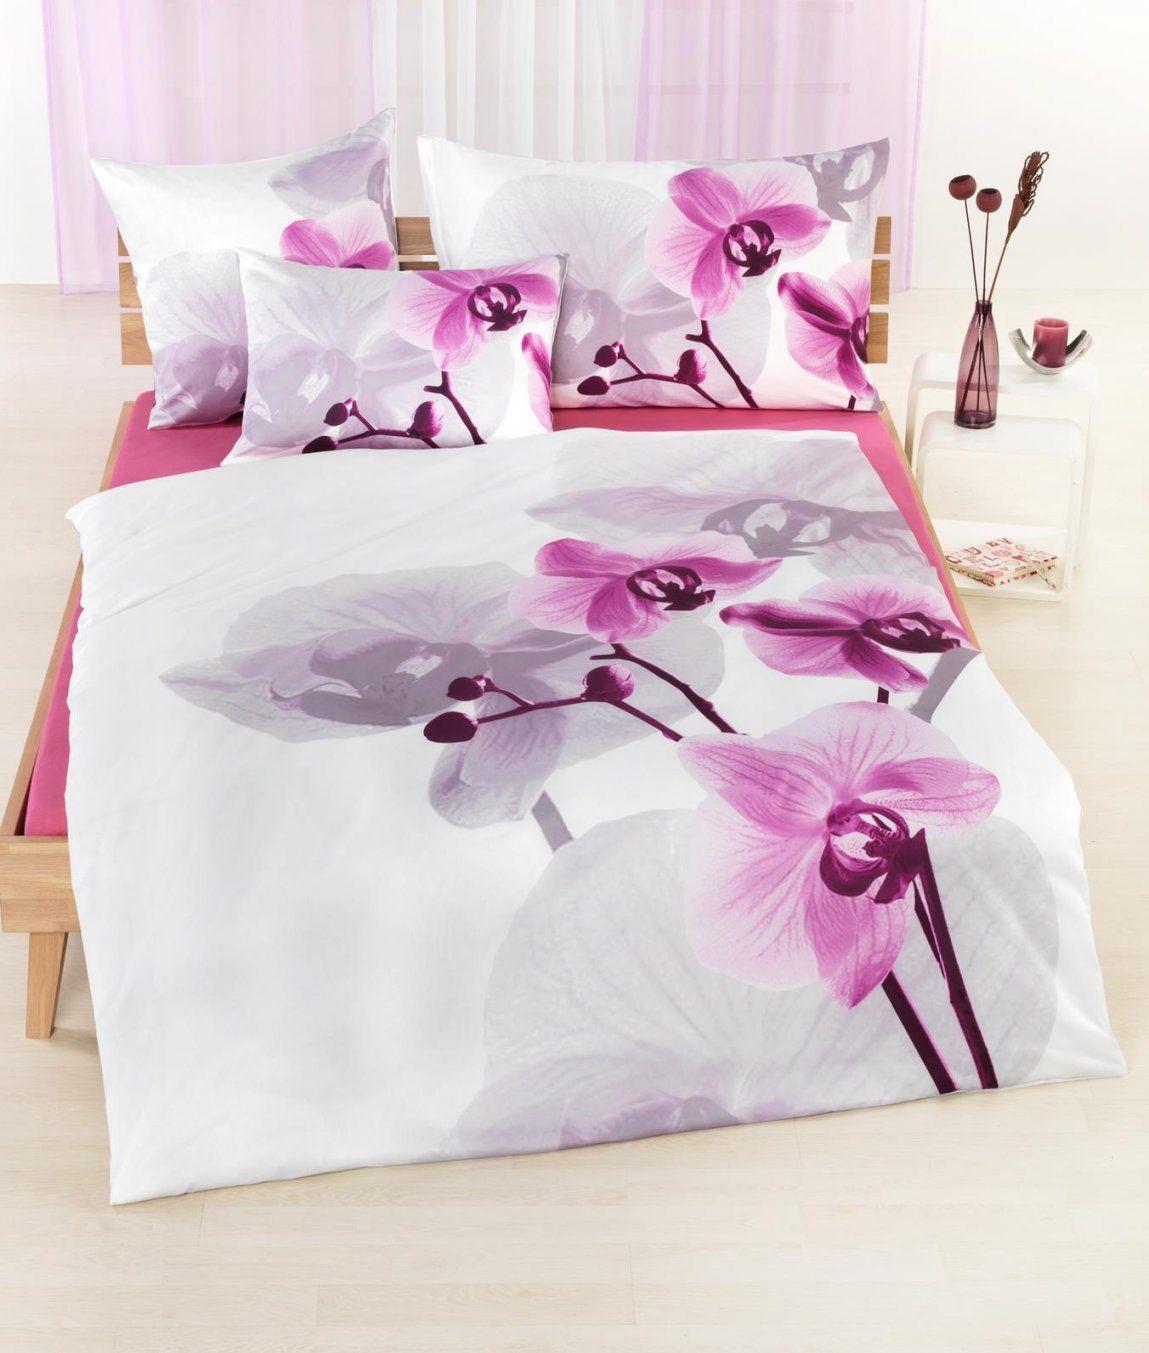 Satinbettwäsche Orchidee Kaufen  Angela Bruderer Onlineshop von Bettwäsche Orchideen Motiv Bild